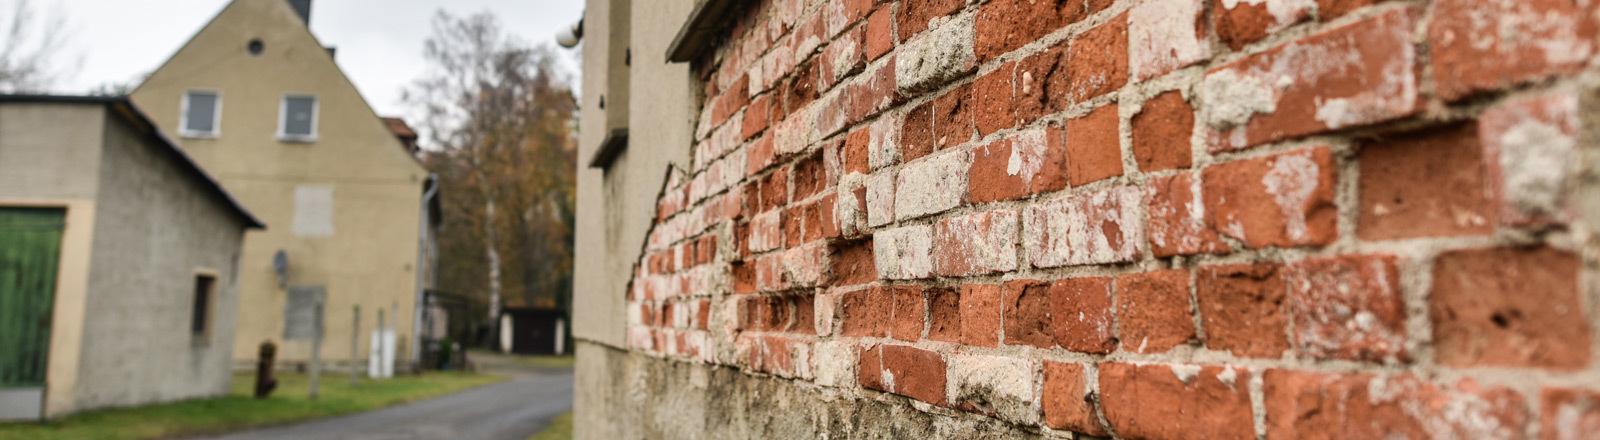 Eine Häuserwand, an der der Putz abgebröckelt ist.